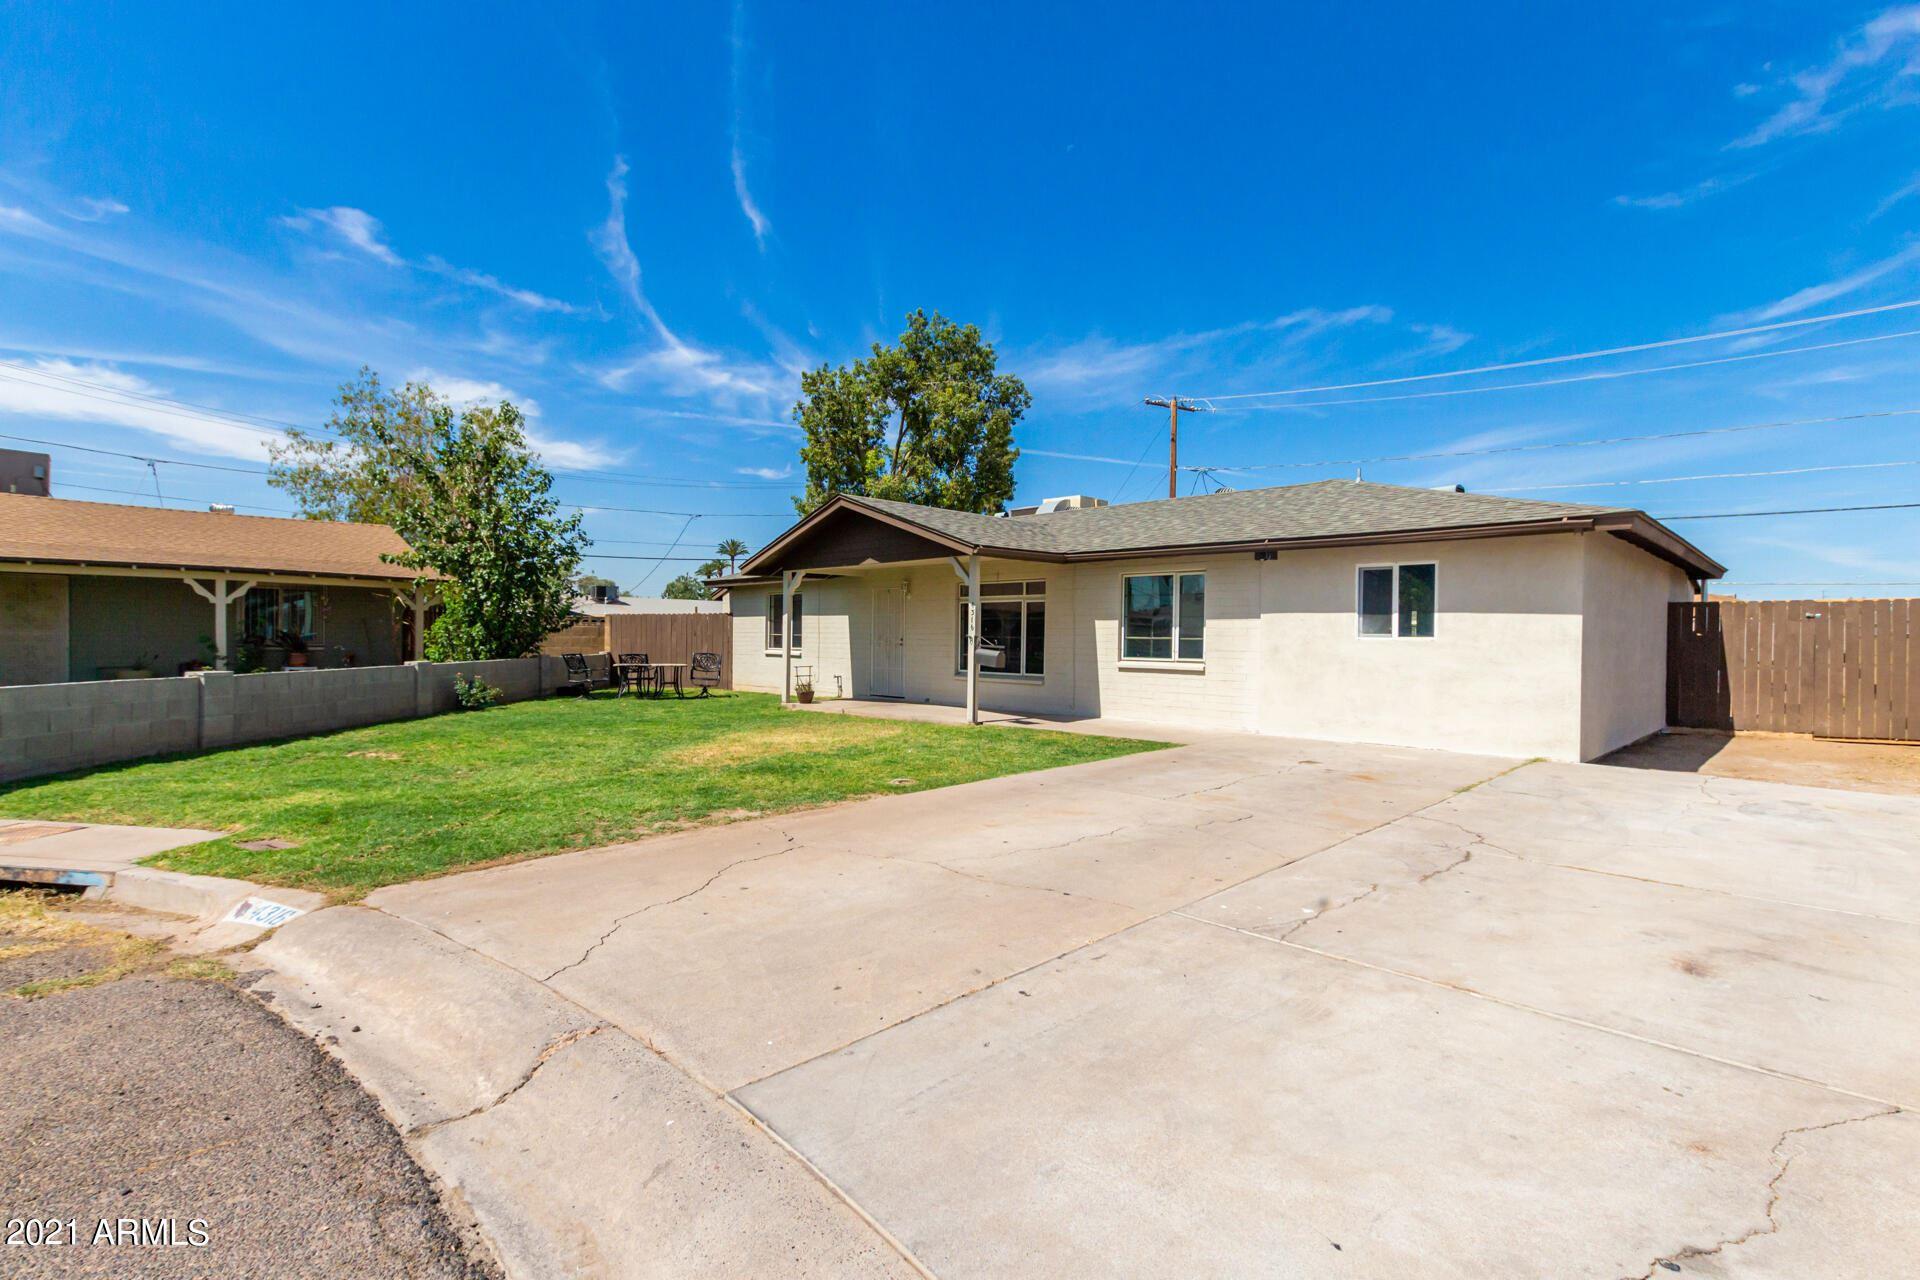 4316 N 34TH Drive, Phoenix, AZ 85017 - MLS#: 6244956